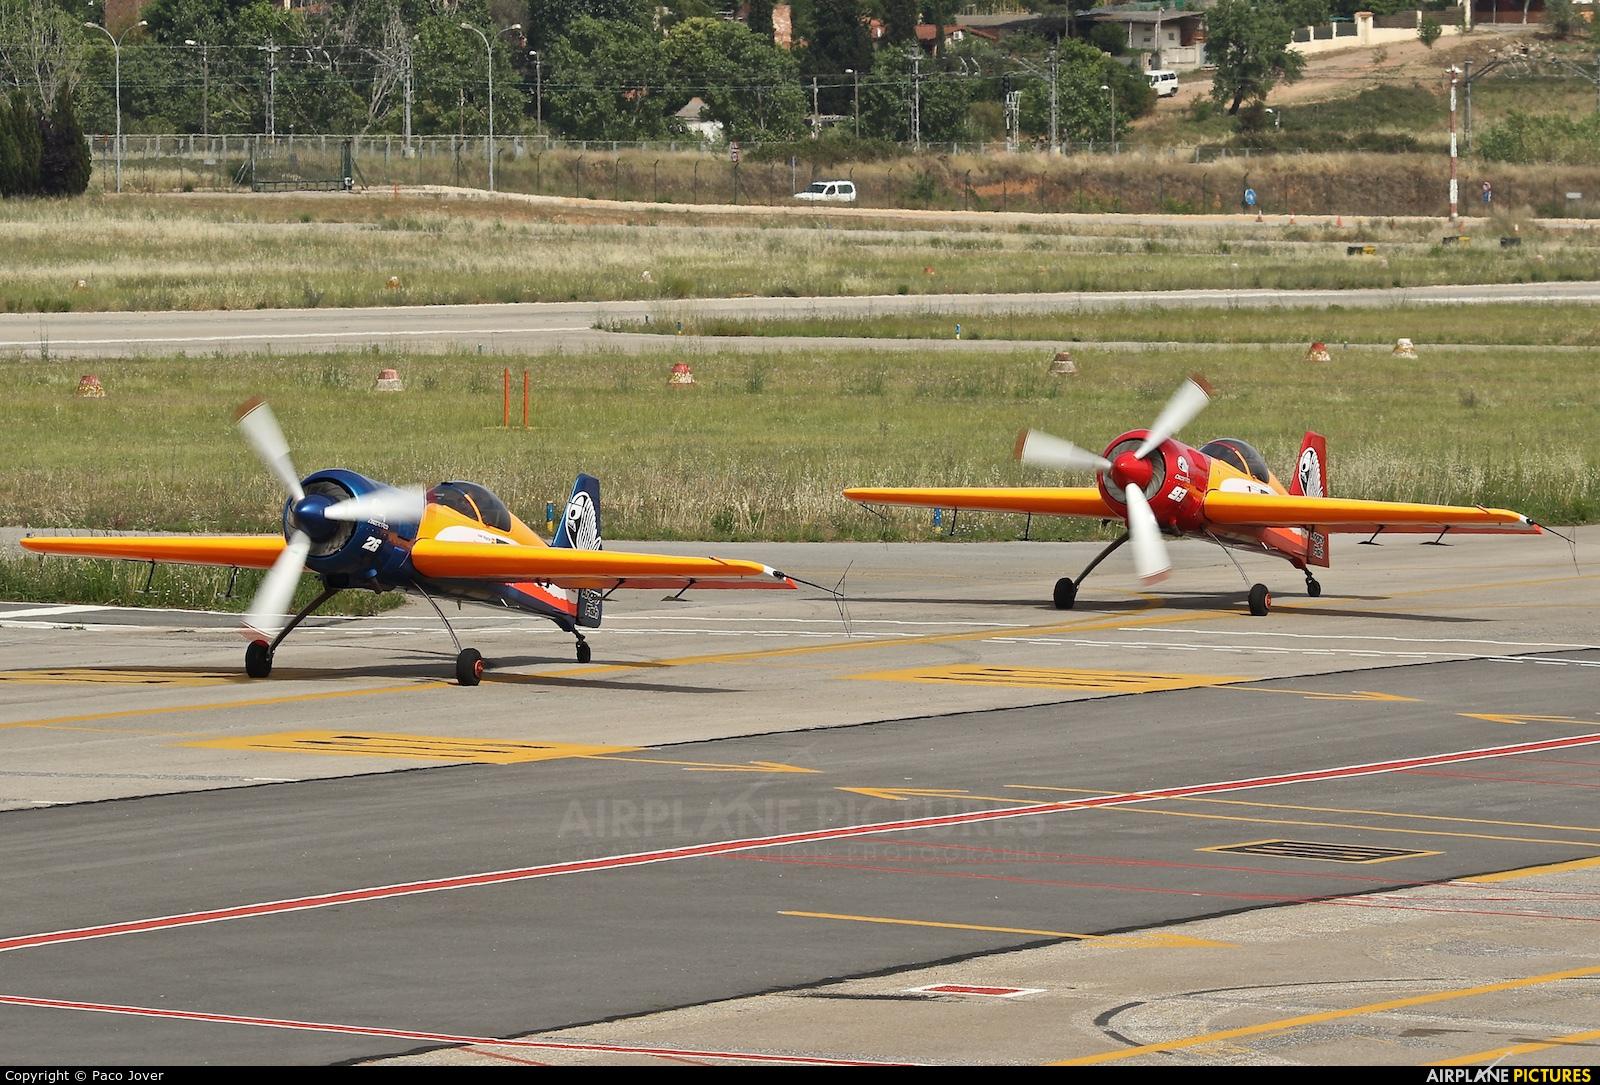 Bravo3/Repsol Team EC-HYU aircraft at Sabadell